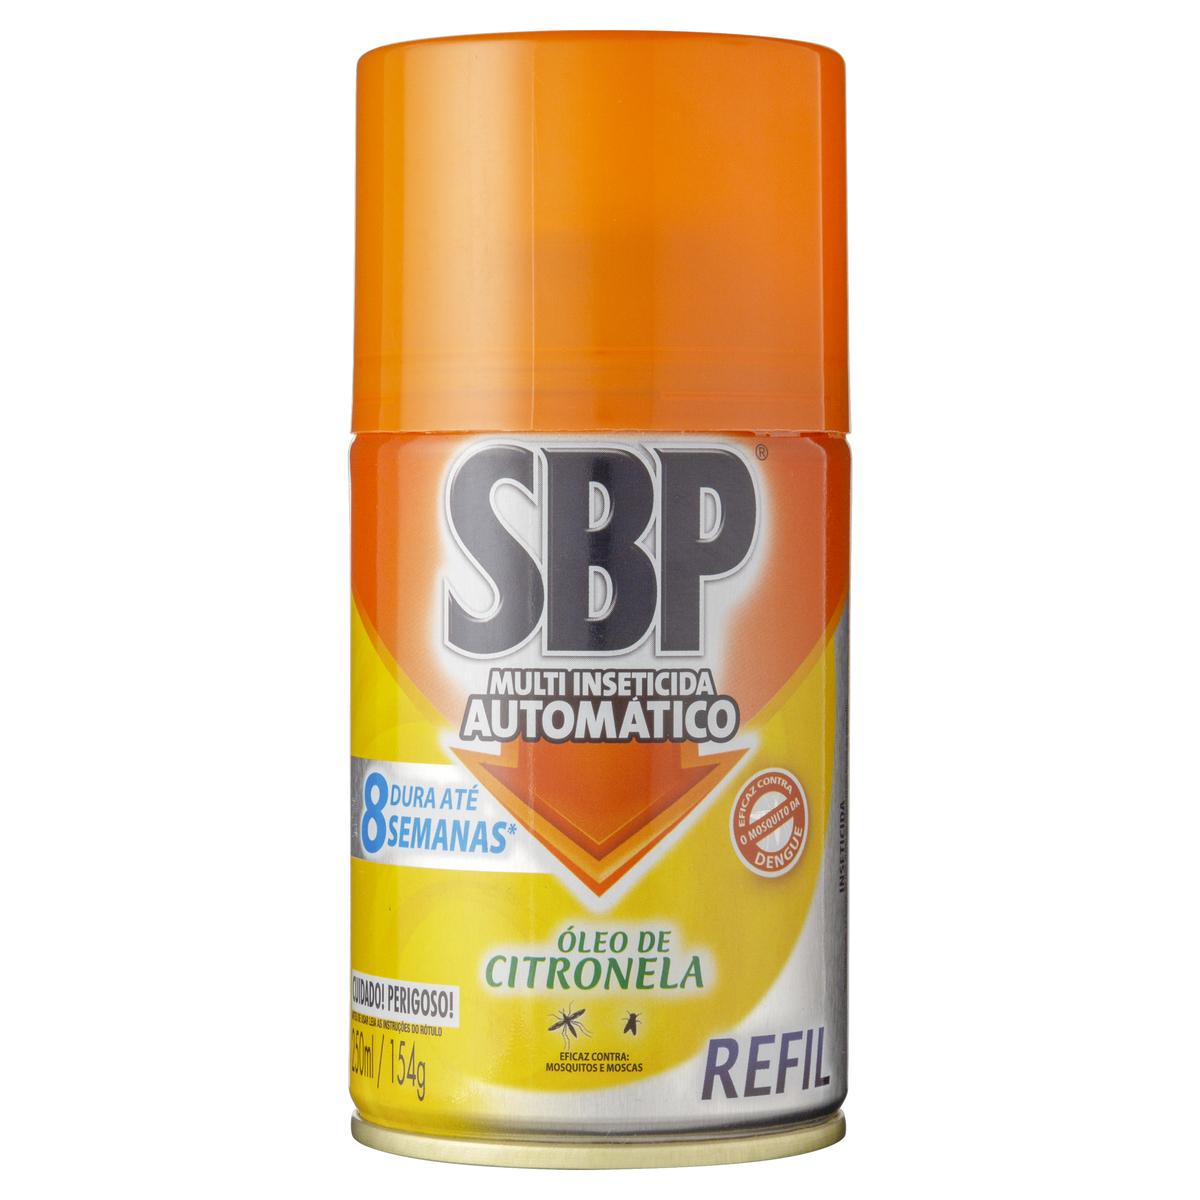 SBP AUT MULT INS CITRONELA REFI1X250ML(6